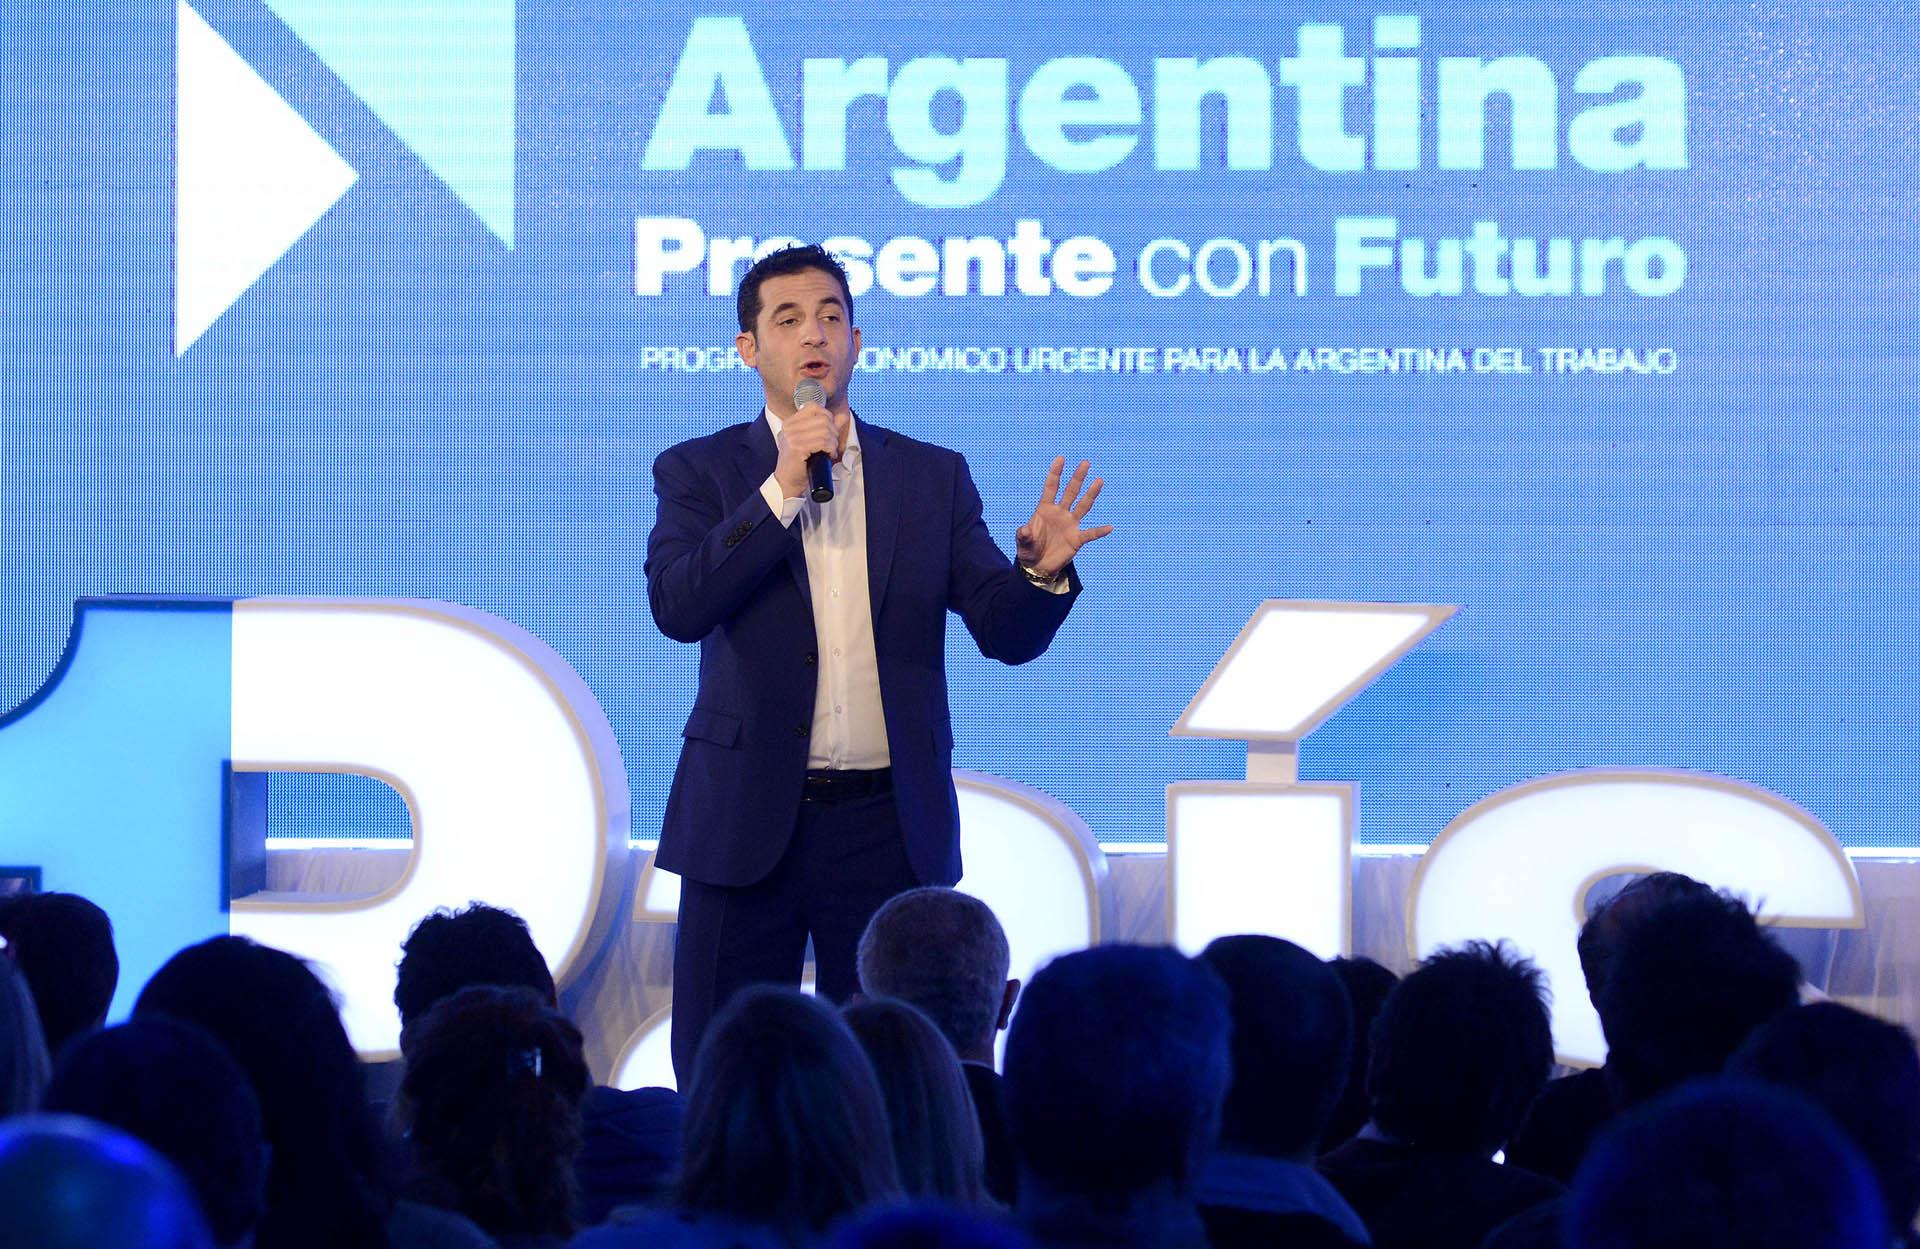 Matias Tombolini, candidato de la fuerza 1País, integrada por el Frente Renovador y el GEN, prefirió una propuesta más formal y conservadora en tono azul oscuro